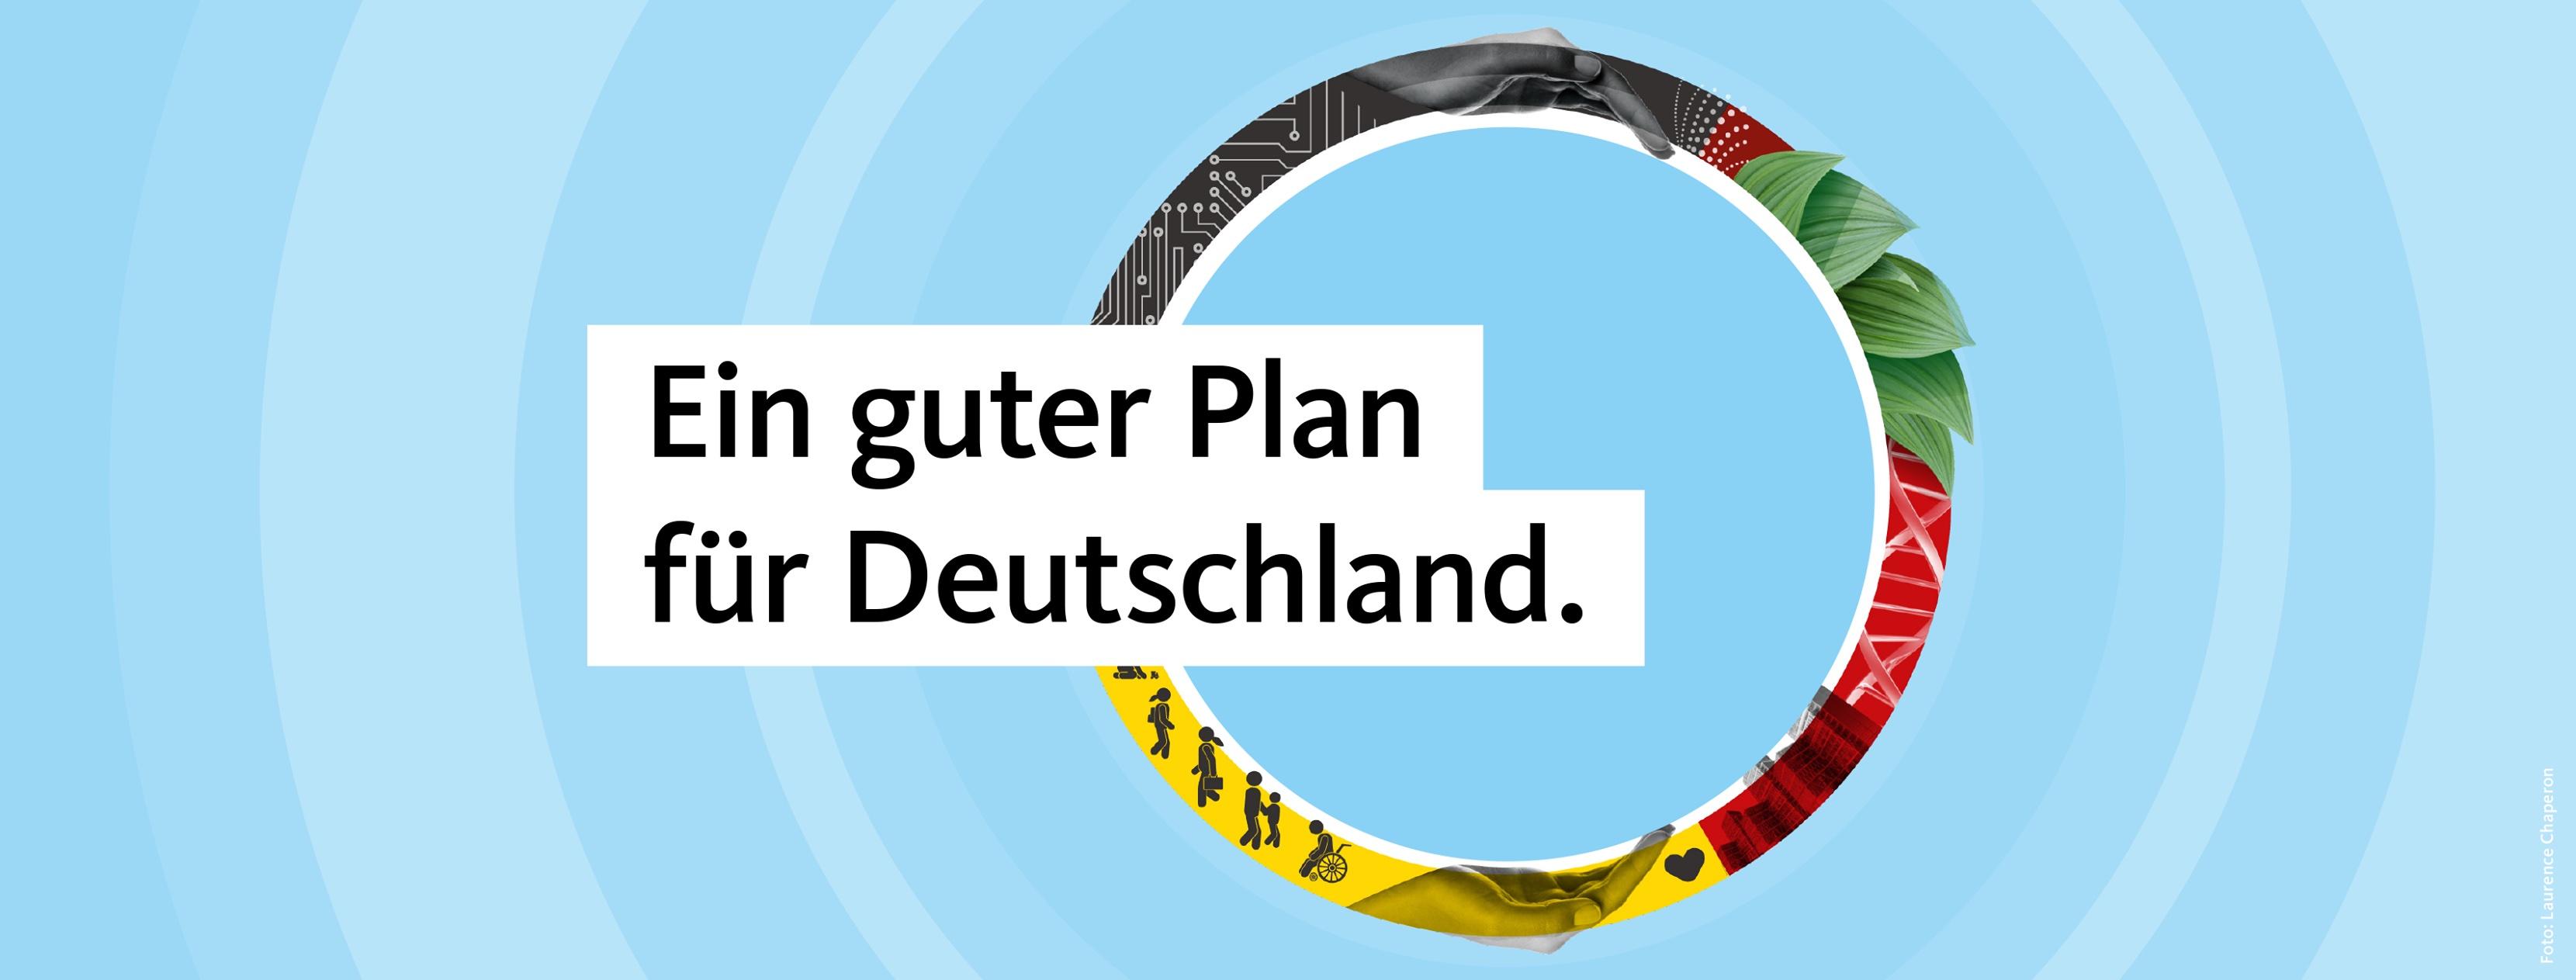 Regierungsprogramm setzt auf eine innovative Reindustrialisierung Ostdeutschlands